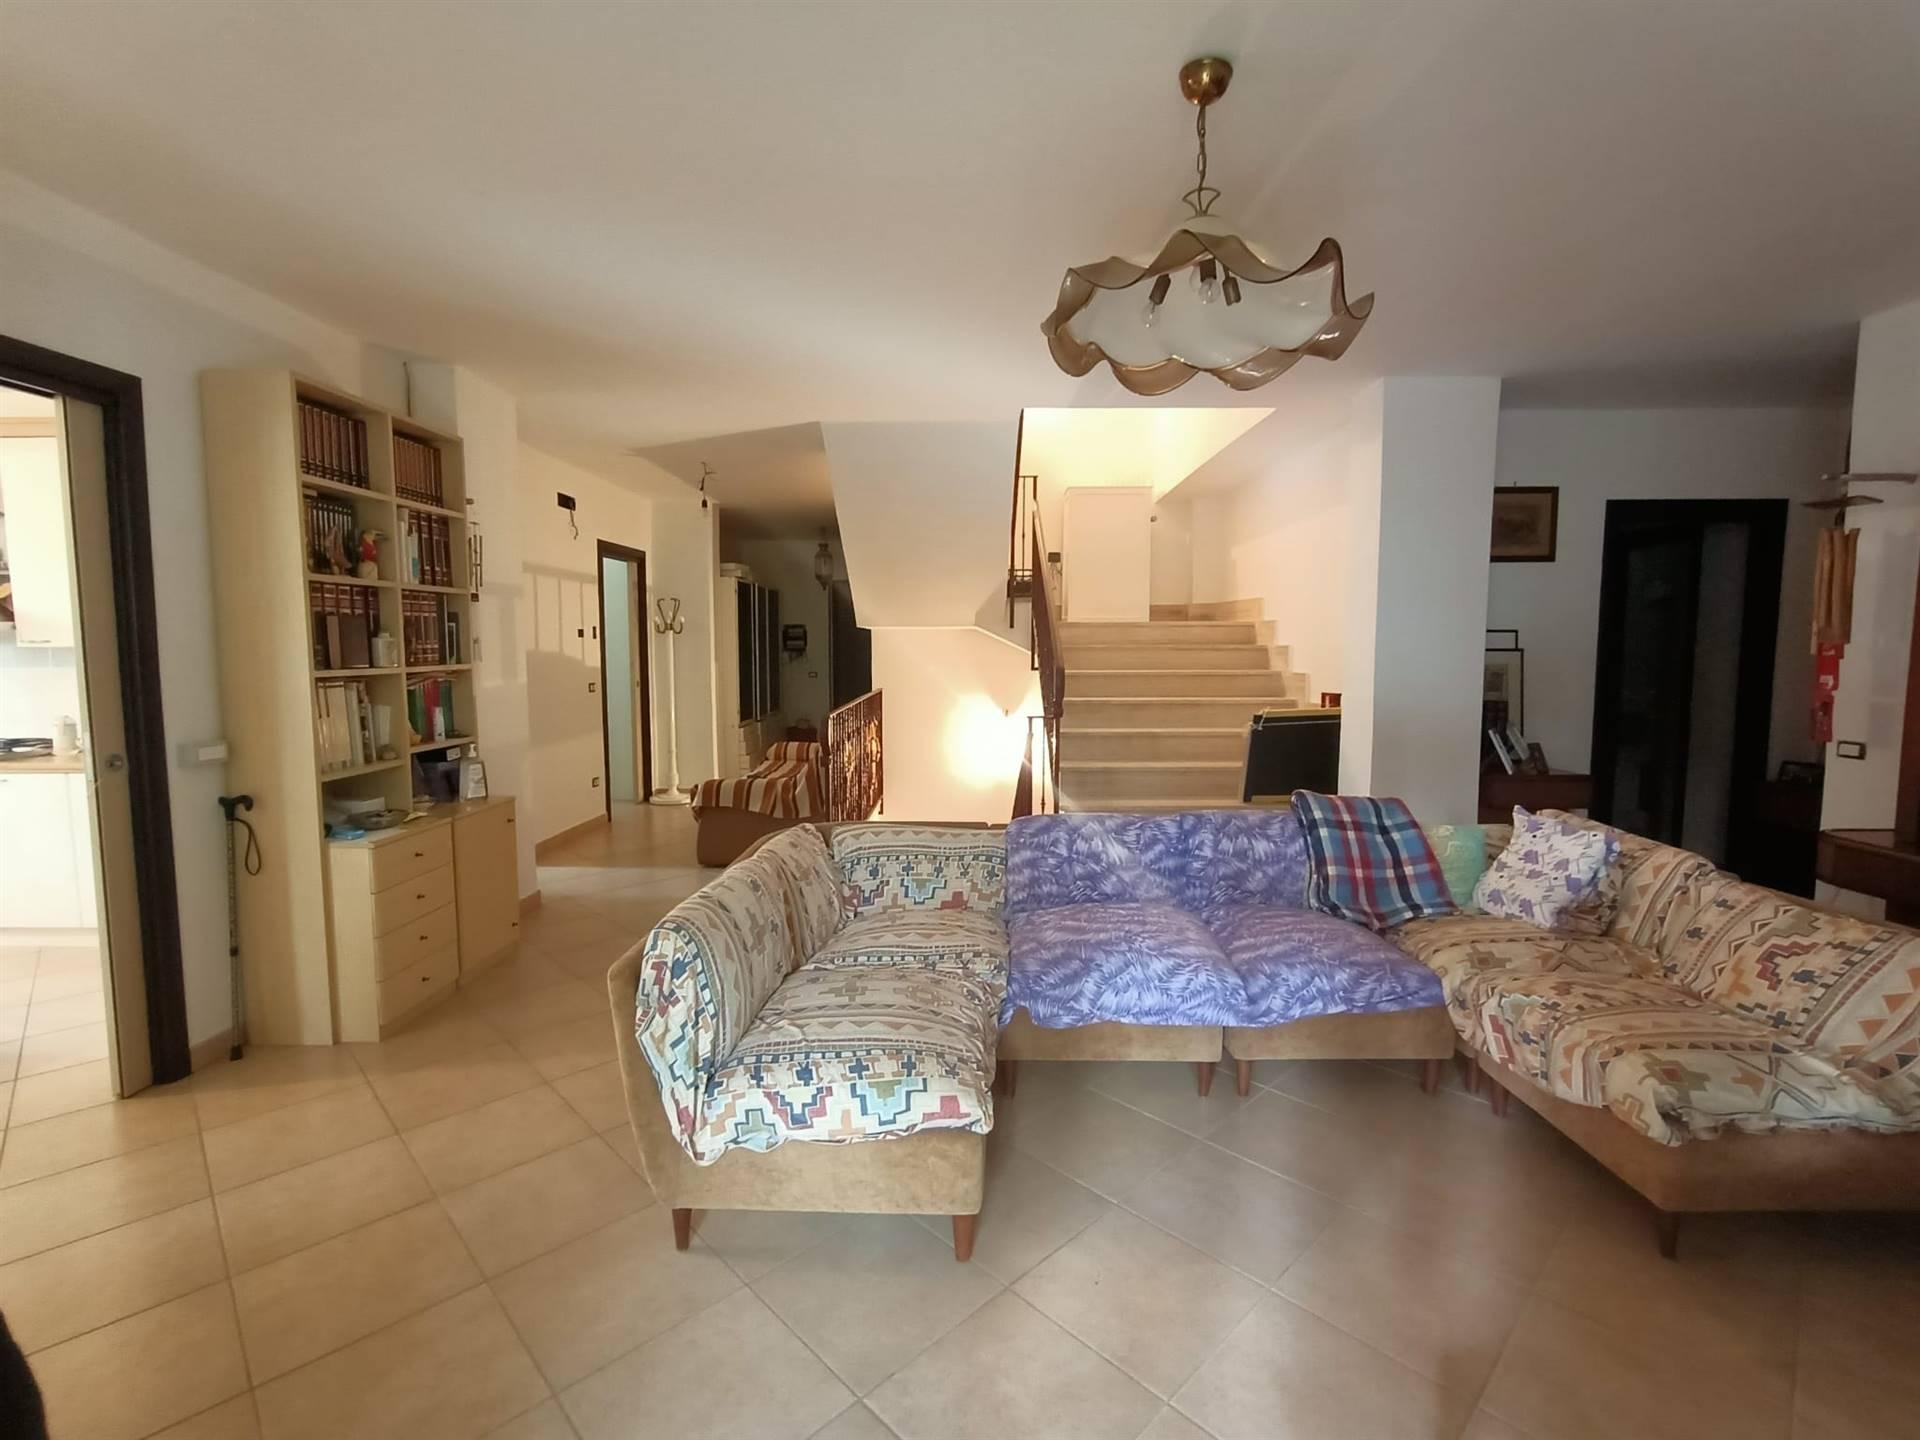 Appartamento in vendita a Giffoni Sei Casali, 6 locali, prezzo € 550.000   PortaleAgenzieImmobiliari.it